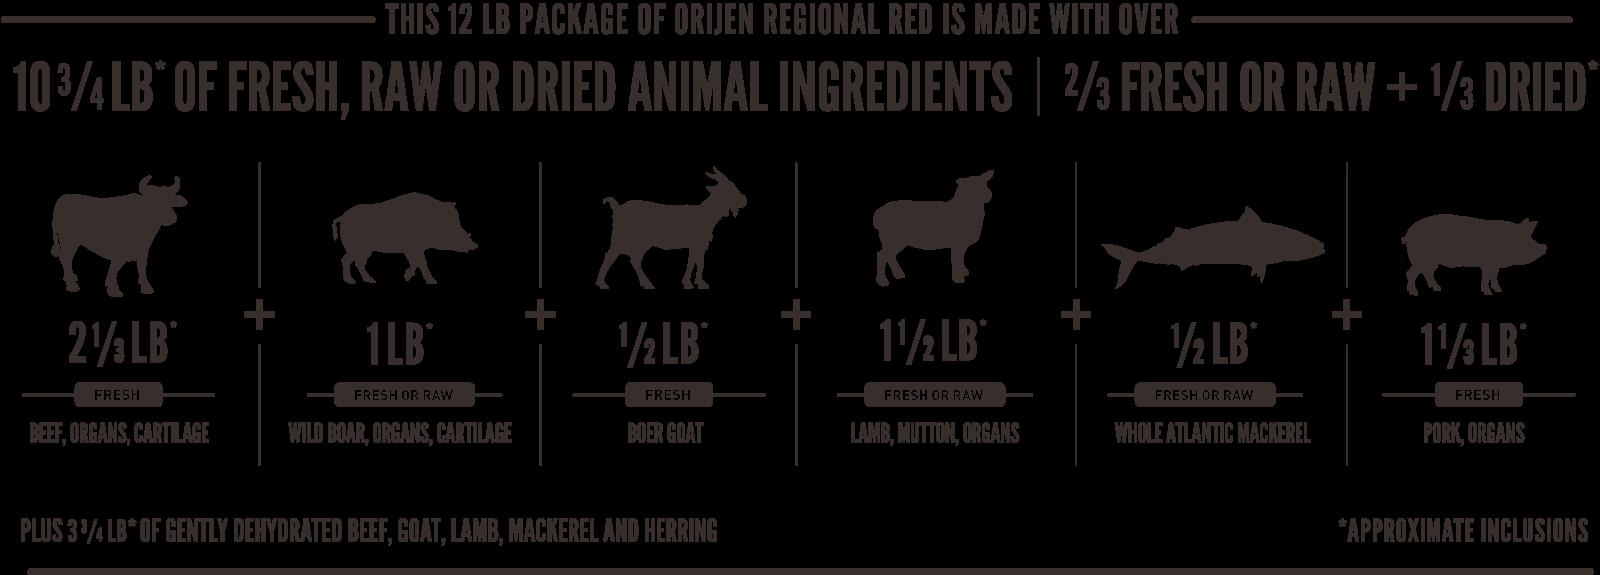 ORIJEN Regional Red Meatmath Formula and Cat Food Ingredients